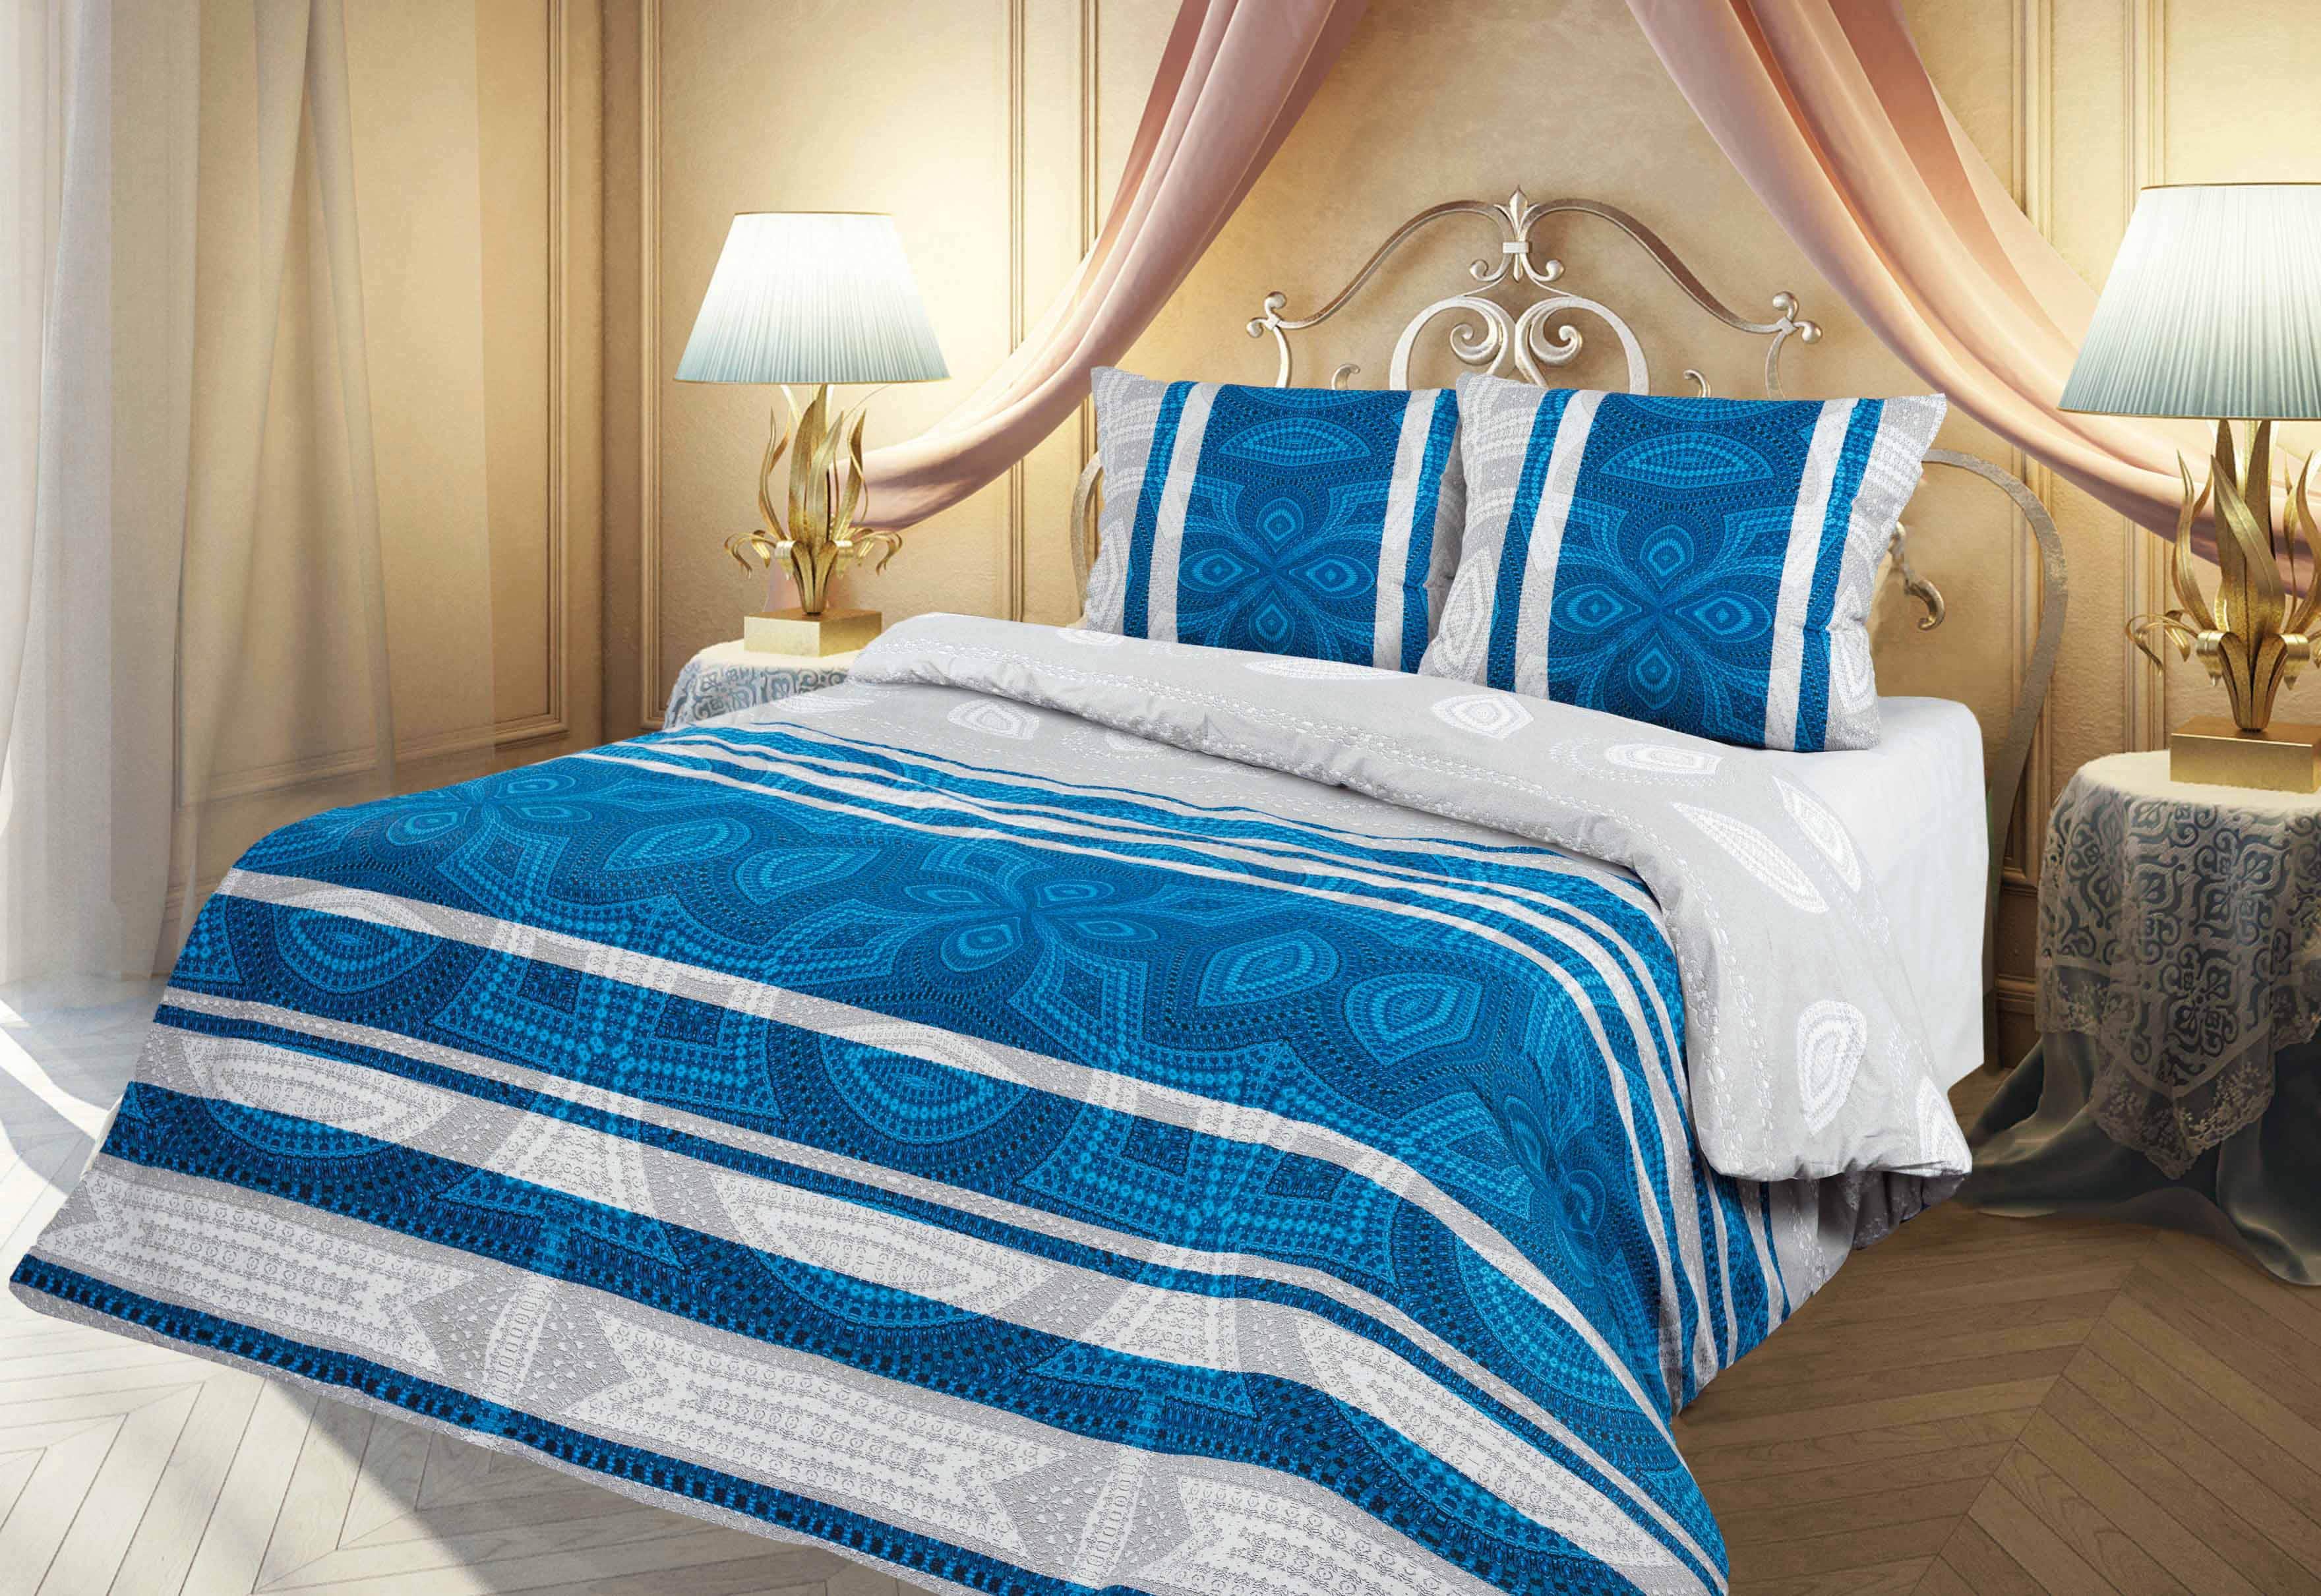 Романтика Постельное белье Страстное Влечение (1,5 спал.) романтика романтика кпб махараджа 1 5 спал